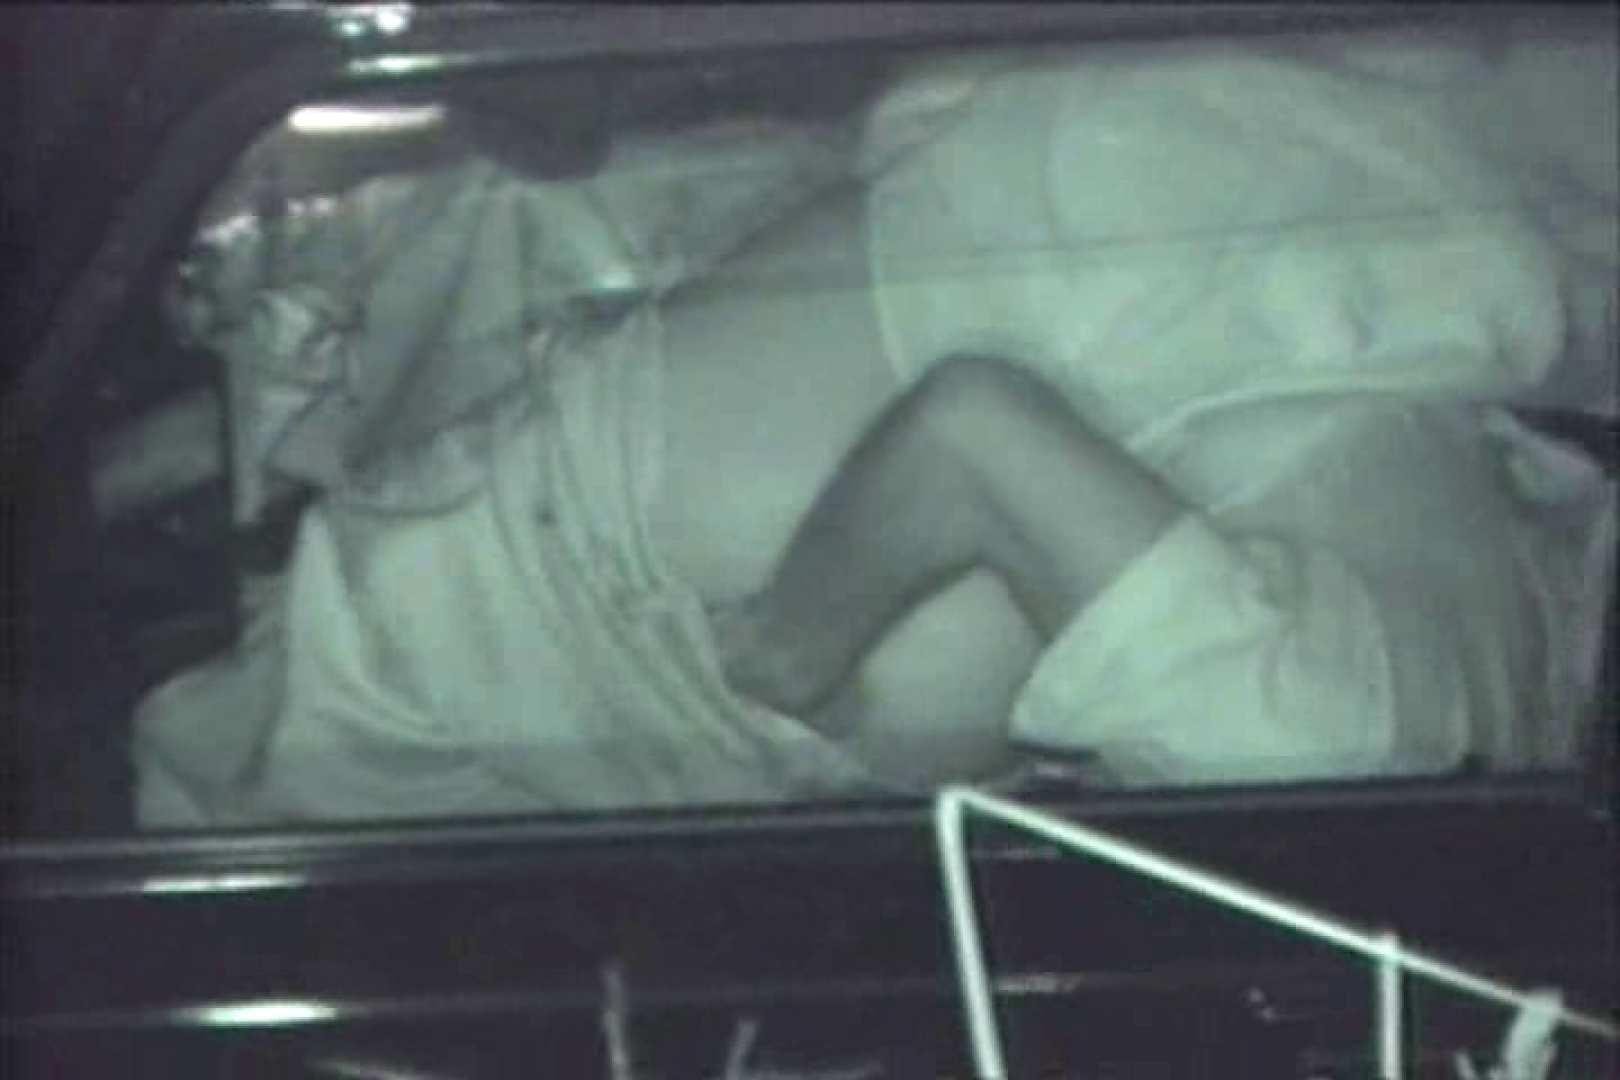 車の中はラブホテル 無修正版  Vol.16 盗撮 ヌード画像 86PIX 24